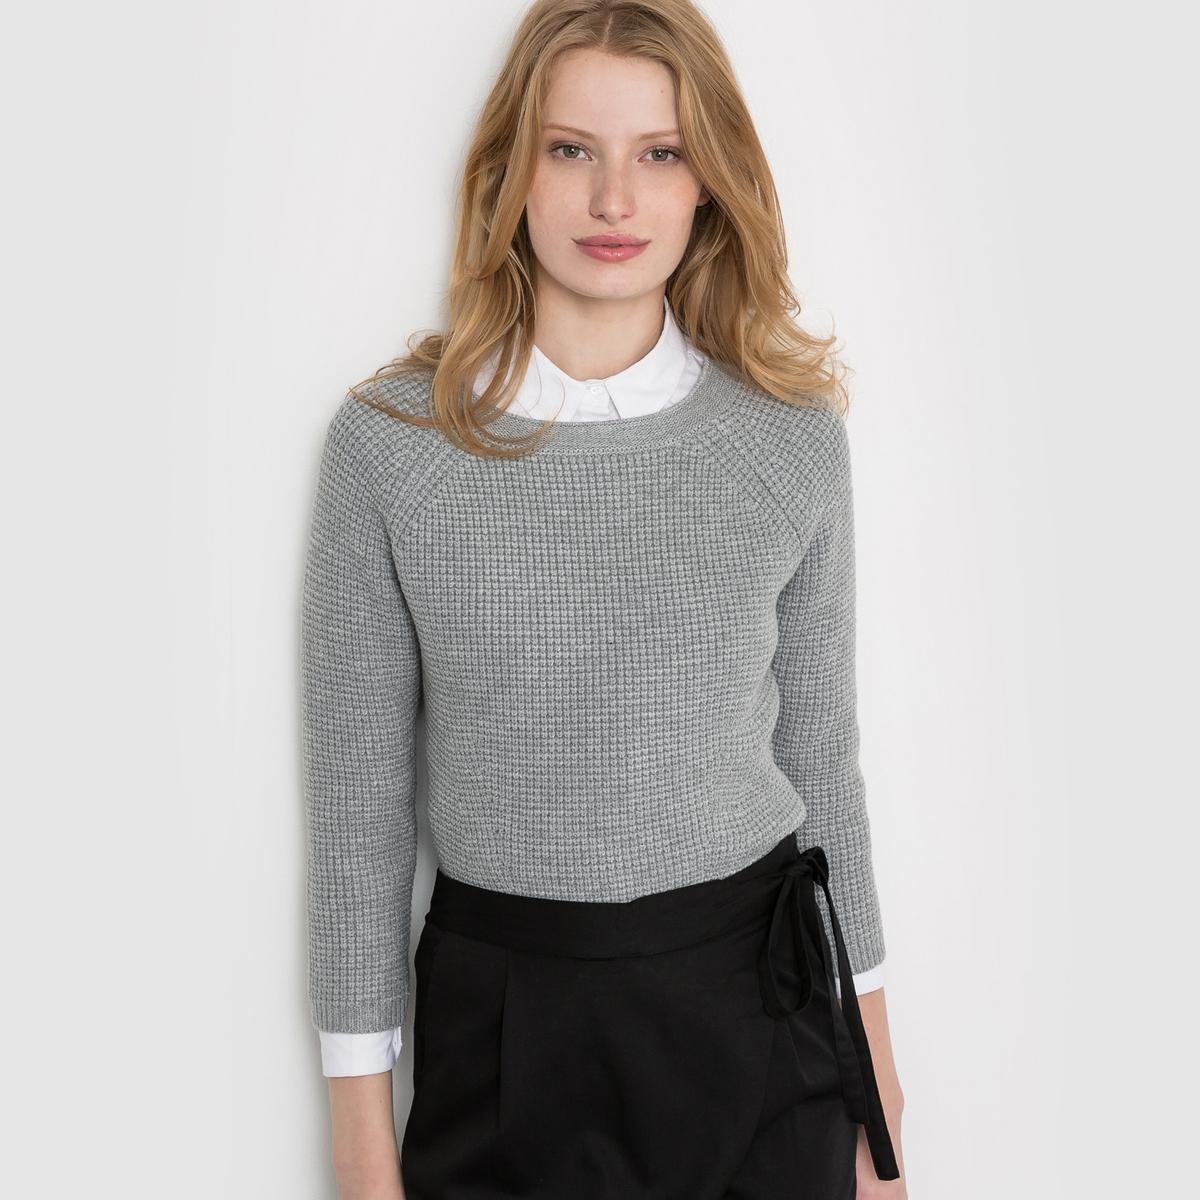 Пуловер короткий с рукавами 3/4 и круглым вырезомПуловер из трикотажа в рубчик 25% вискозы, 41% полиамида, 34% акрила . Круглый вырез. Длинные рукава. Длина 54 см. Очень модный в этом сезоне короткий пуловер, напоминающий внешним видом розовый леденец.<br><br>Цвет: розовый,серый меланж<br>Размер: 46/48 (FR) - 52/54 (RUS).42/44 (FR) - 48/50 (RUS).46/48 (FR) - 52/54 (RUS)